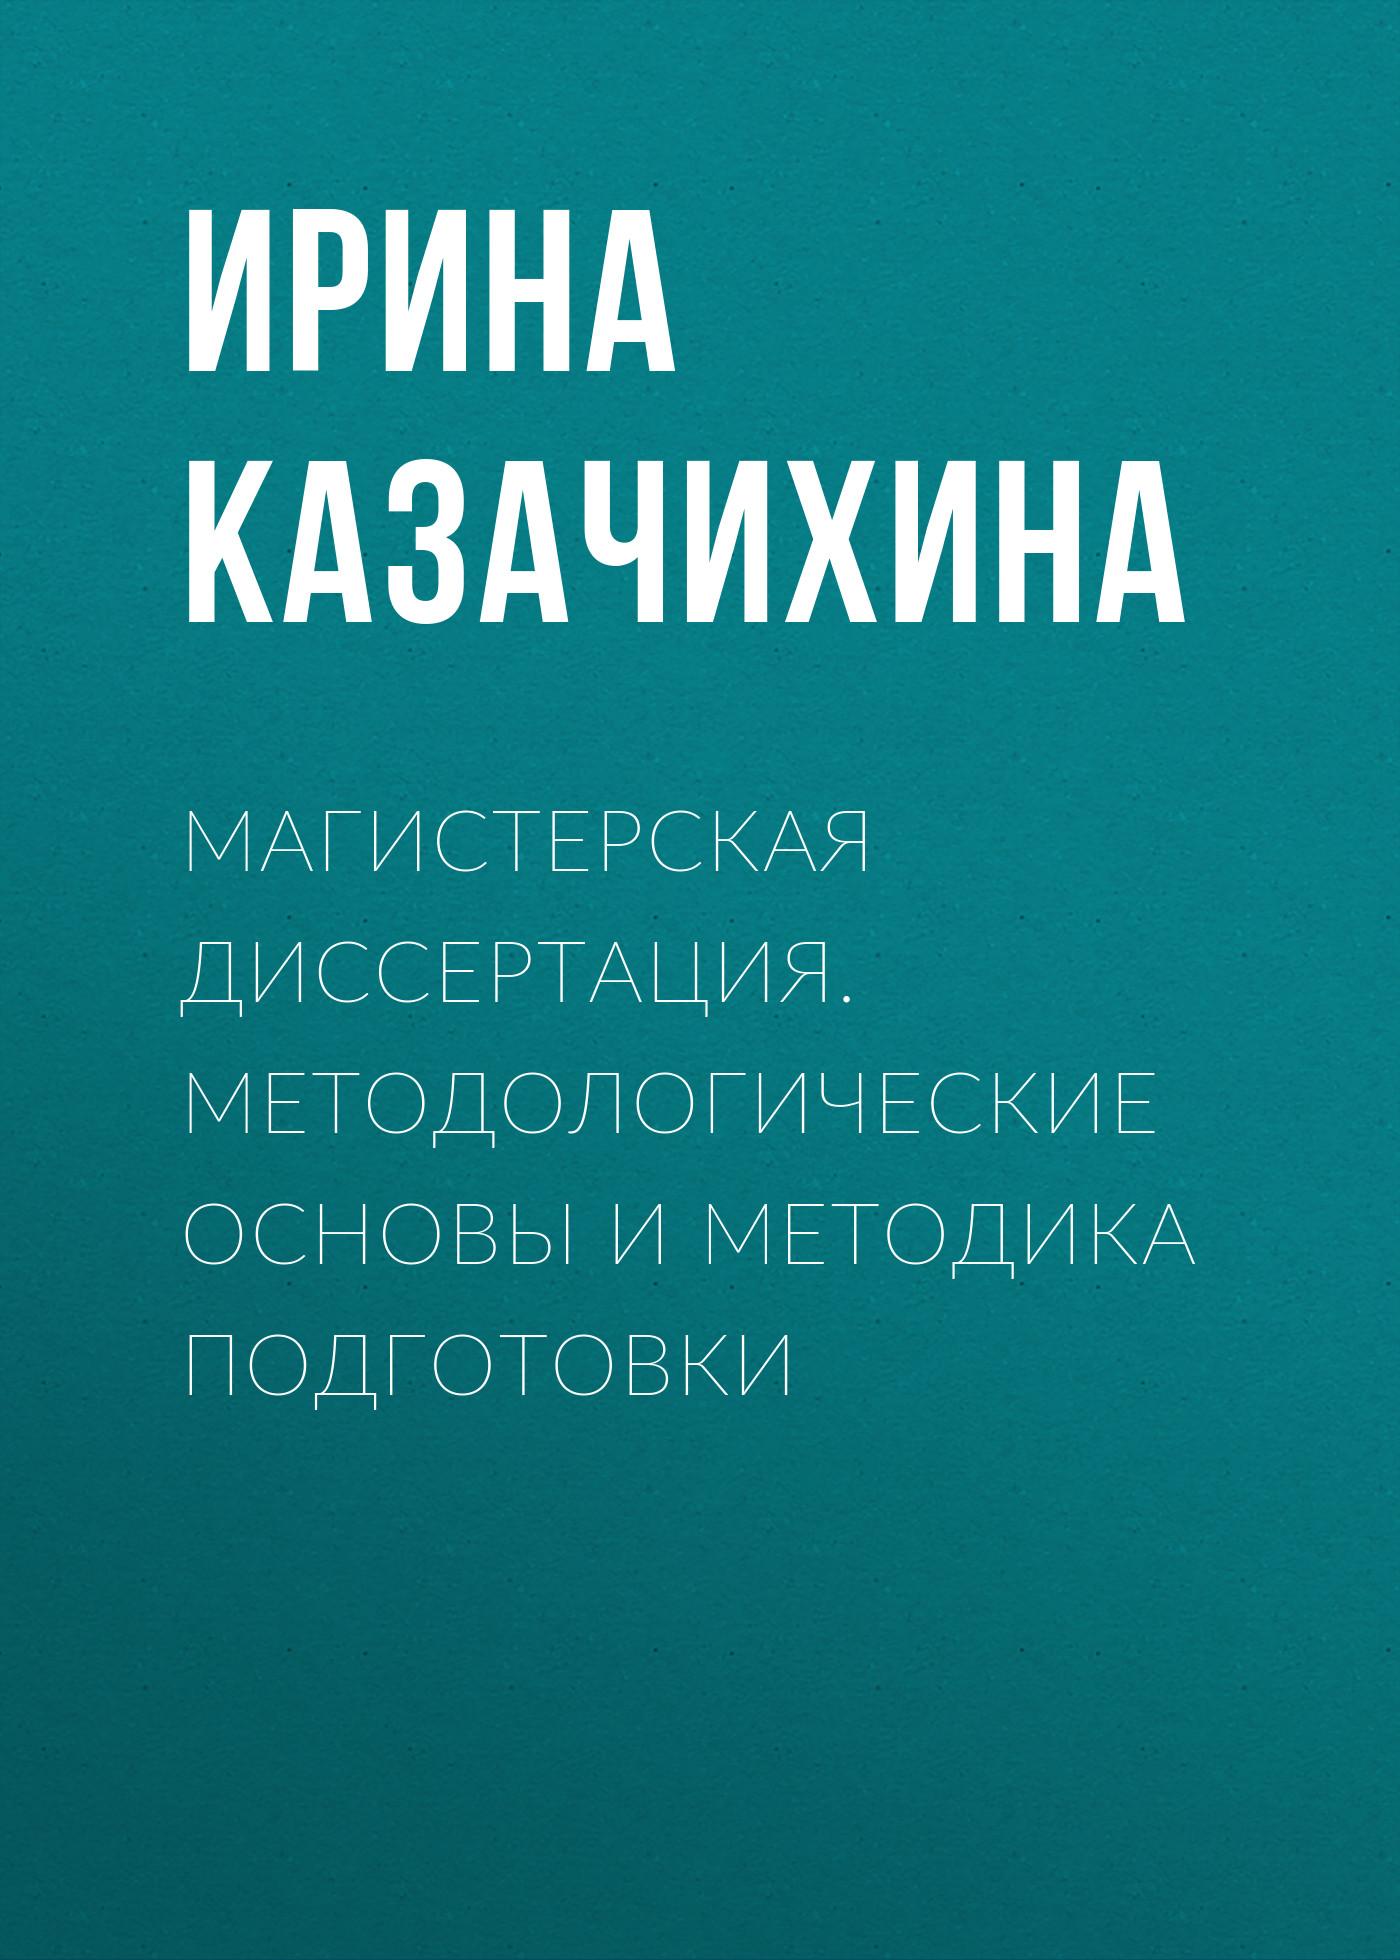 Ирина Казачихина Магистерская диссертация. Методологические основы и методика подготовки обучение персидскому языку в московских вузах